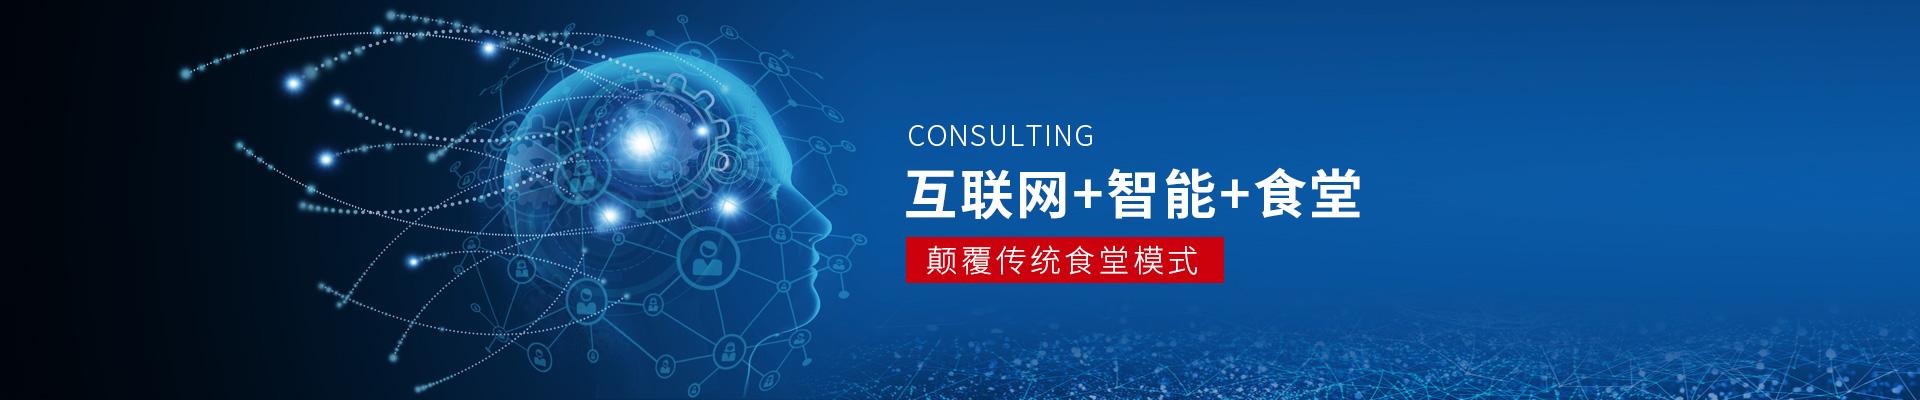 大唐智讯-智慧食堂平台